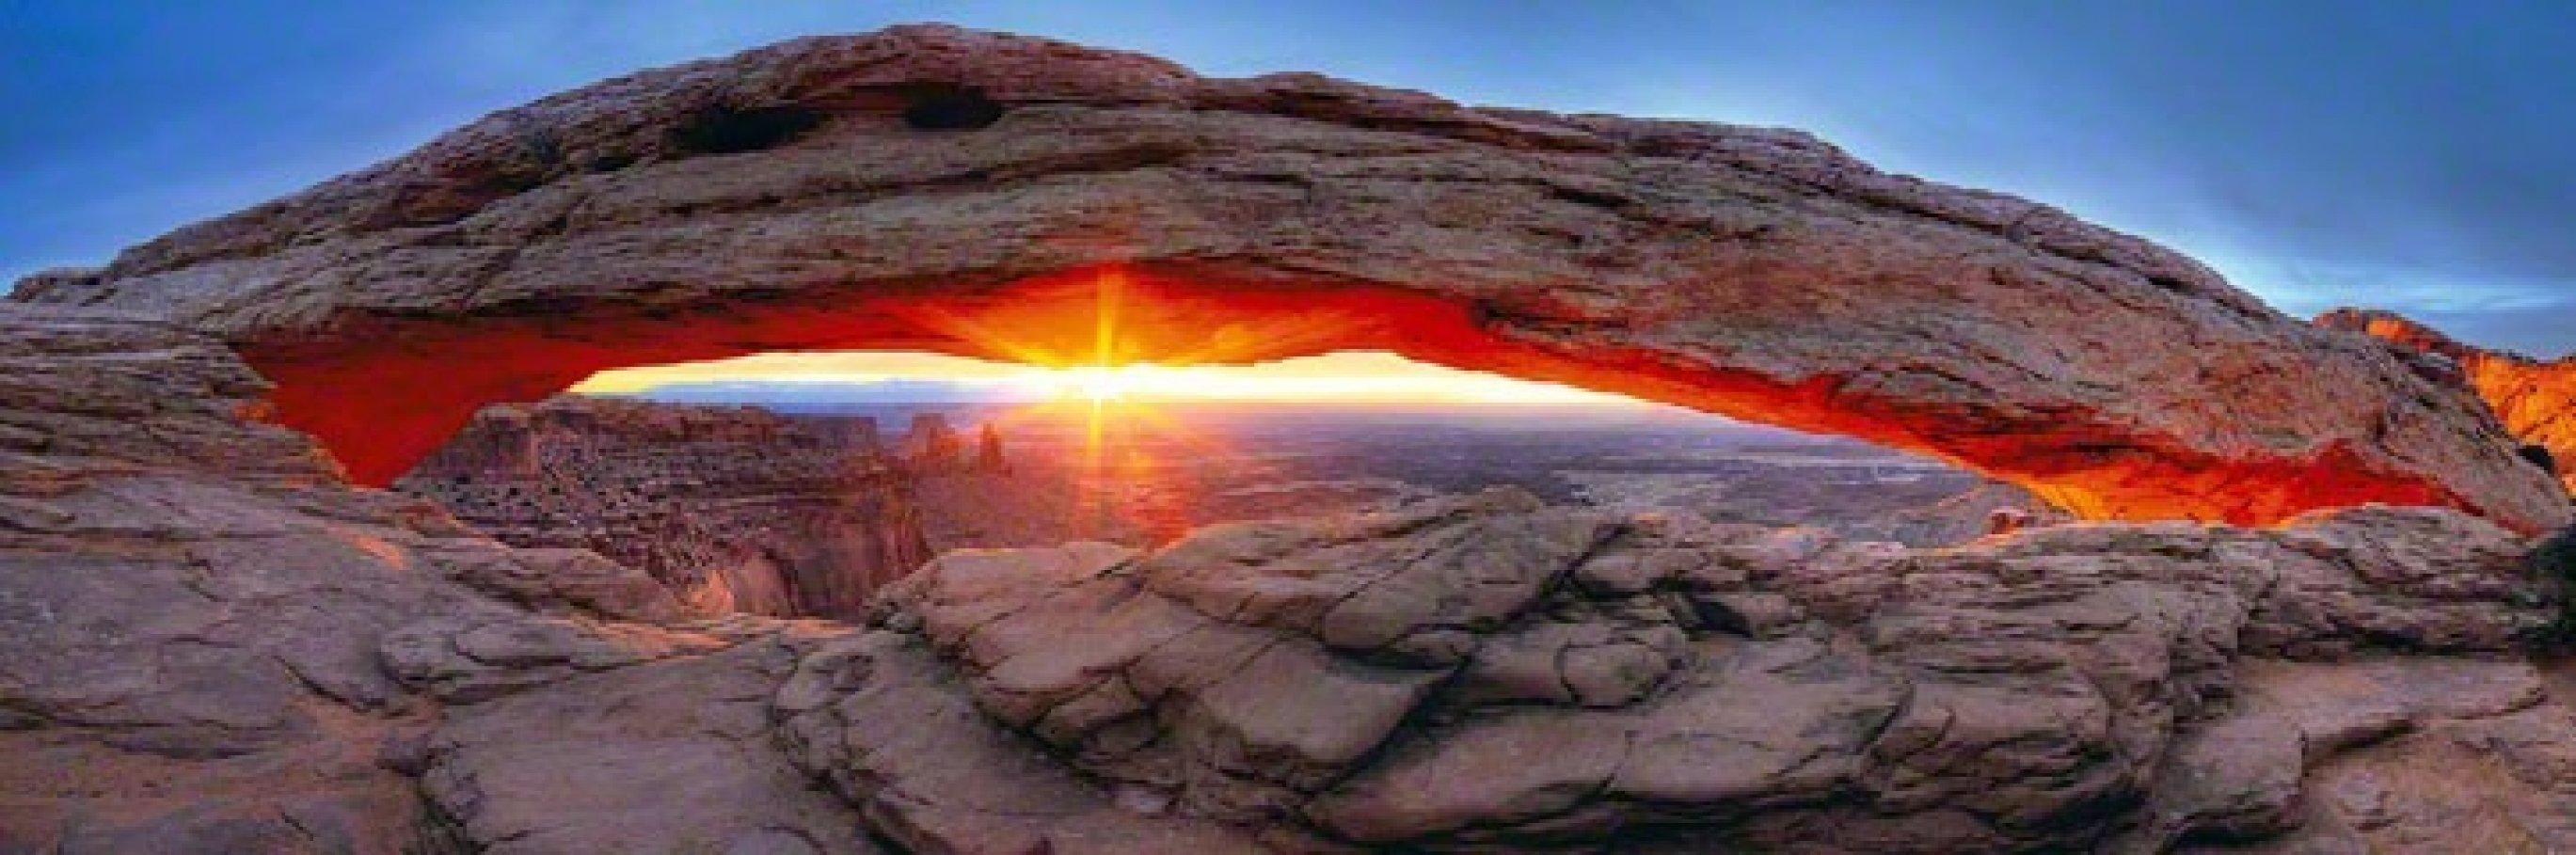 Sacred Sunrise (Canyonlands NP, Utah) AP 1.5M Huge Panorama by Peter Lik